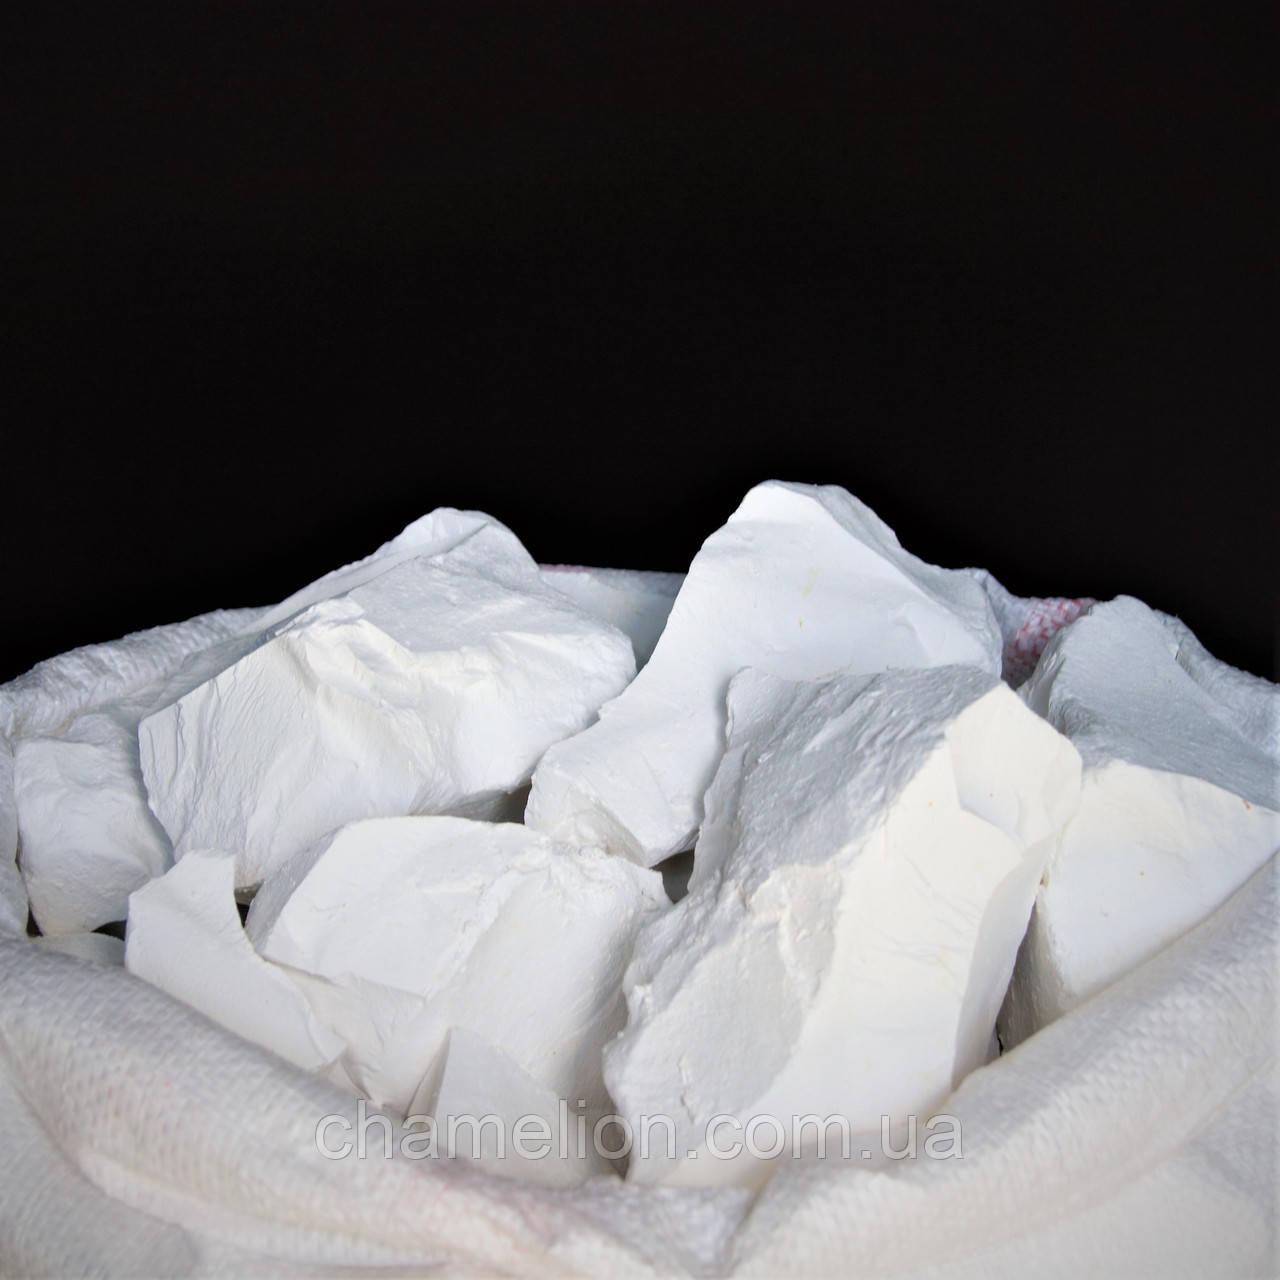 Крейда біла кускова (Мел белый кусковой)